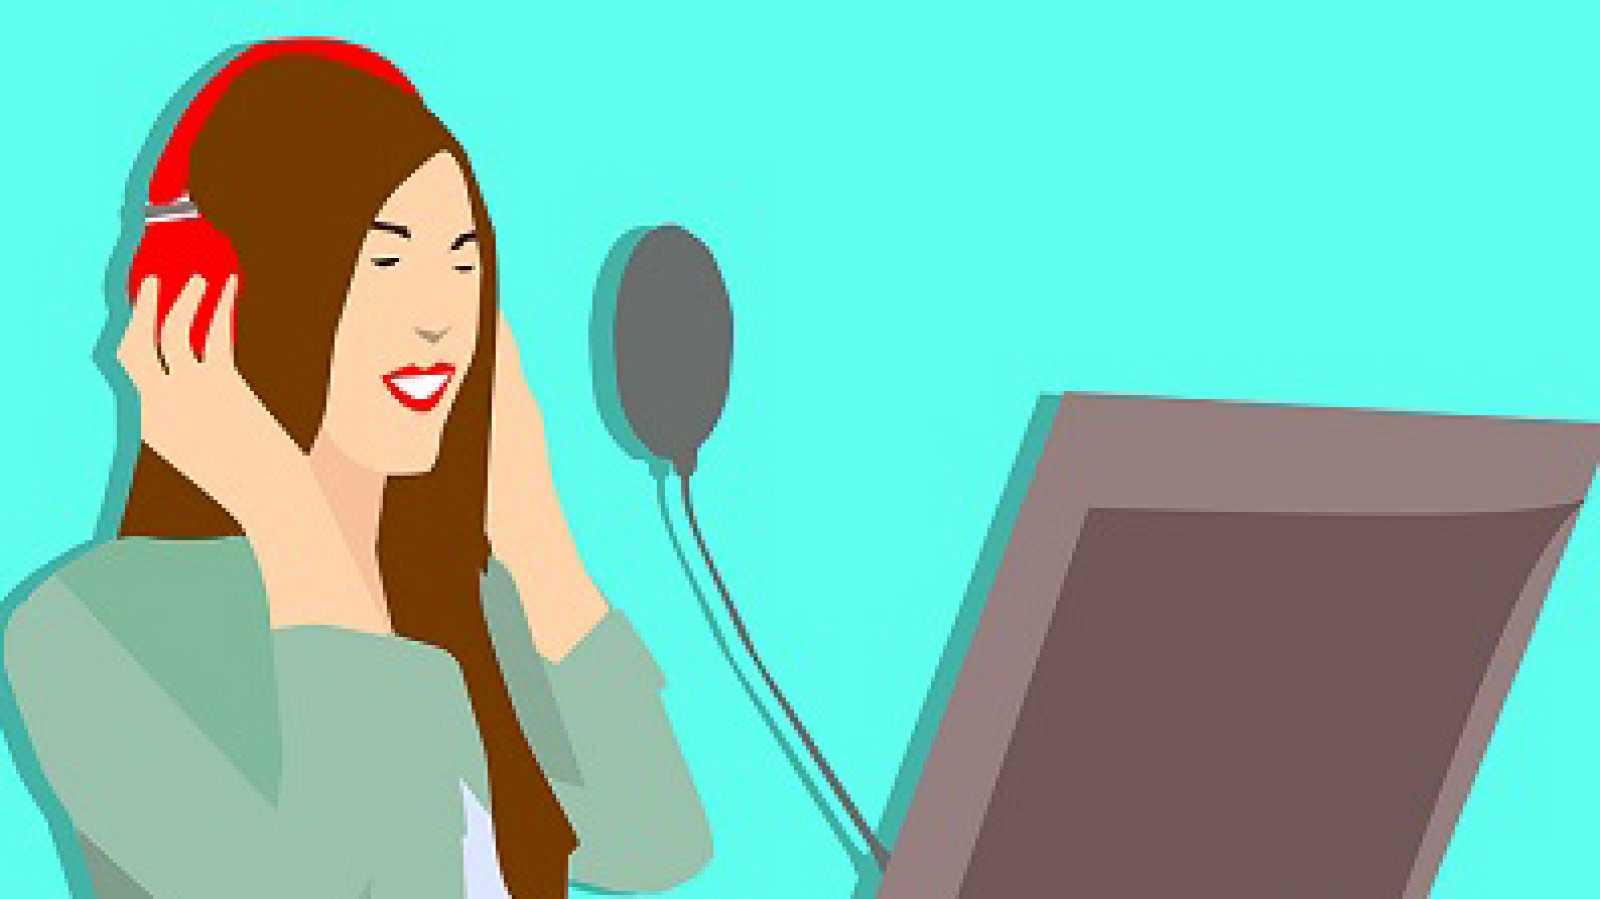 Punto de enlace - El Instituto Cervantes prepara unas jornadas sobre 'La mujer y la música popular española' - 03/03/21 - escuchar ahora